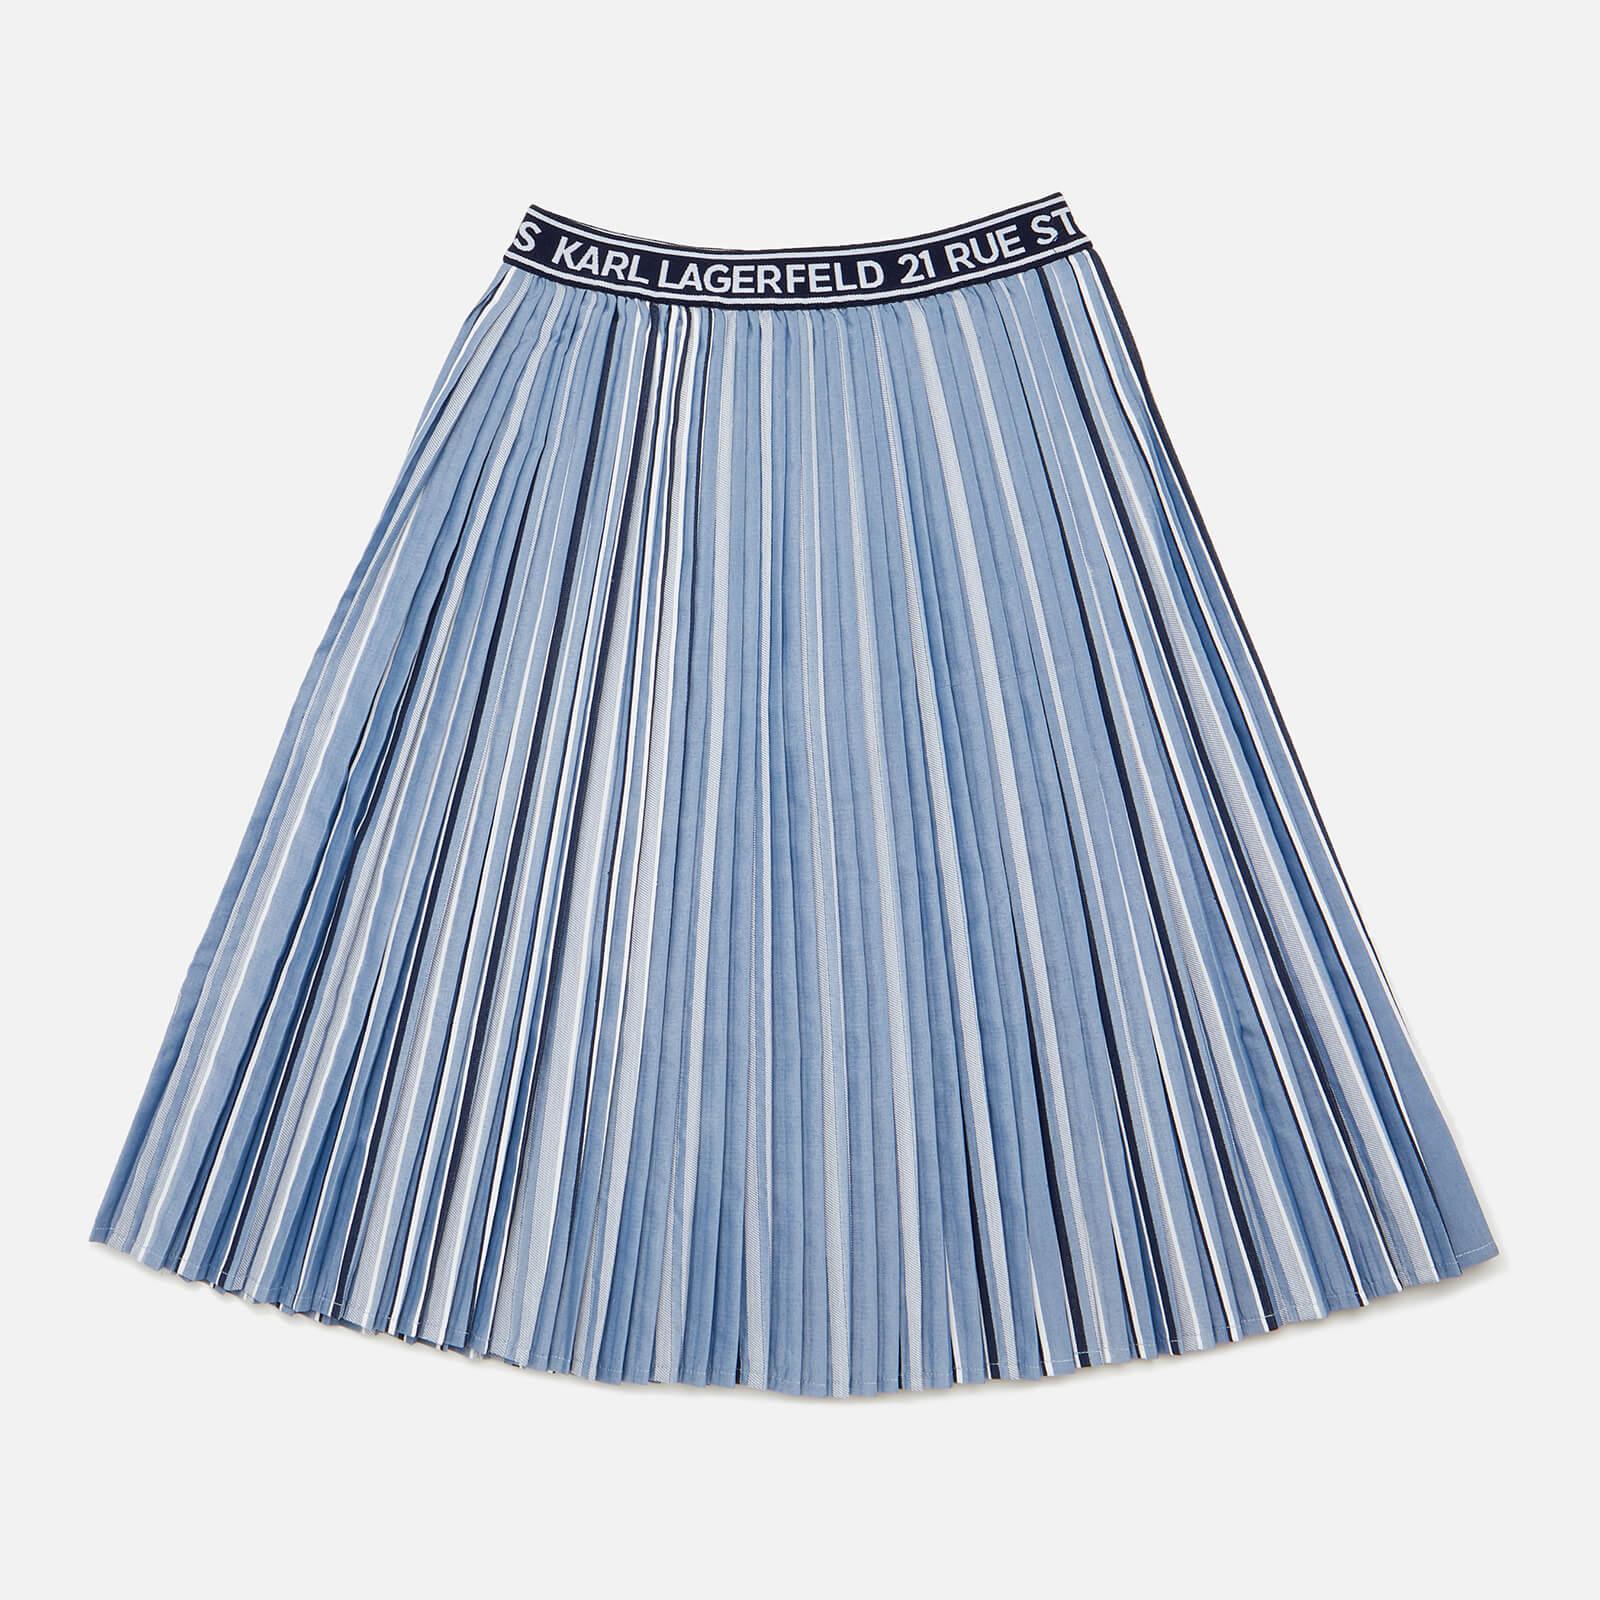 Karl Lagerfeld Girls' Pleat Skirt - Metallic - 6 Years